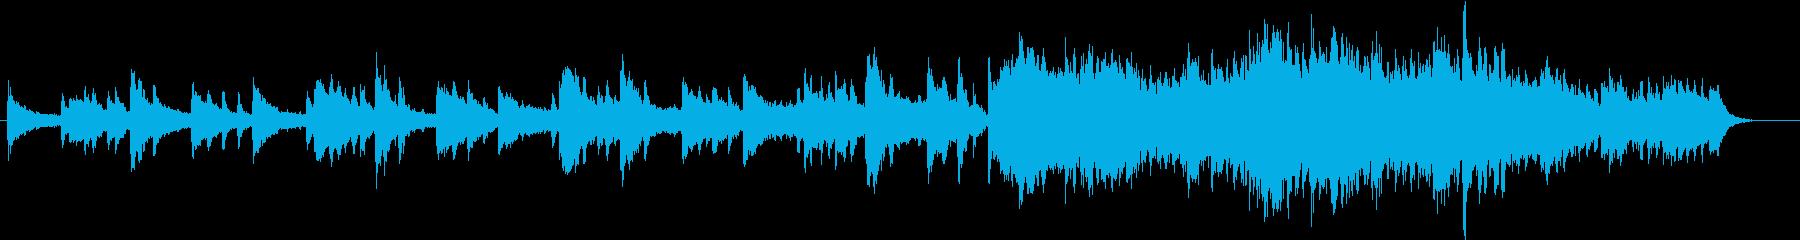 ピチカートで奏でる弦楽ドラマチックの再生済みの波形